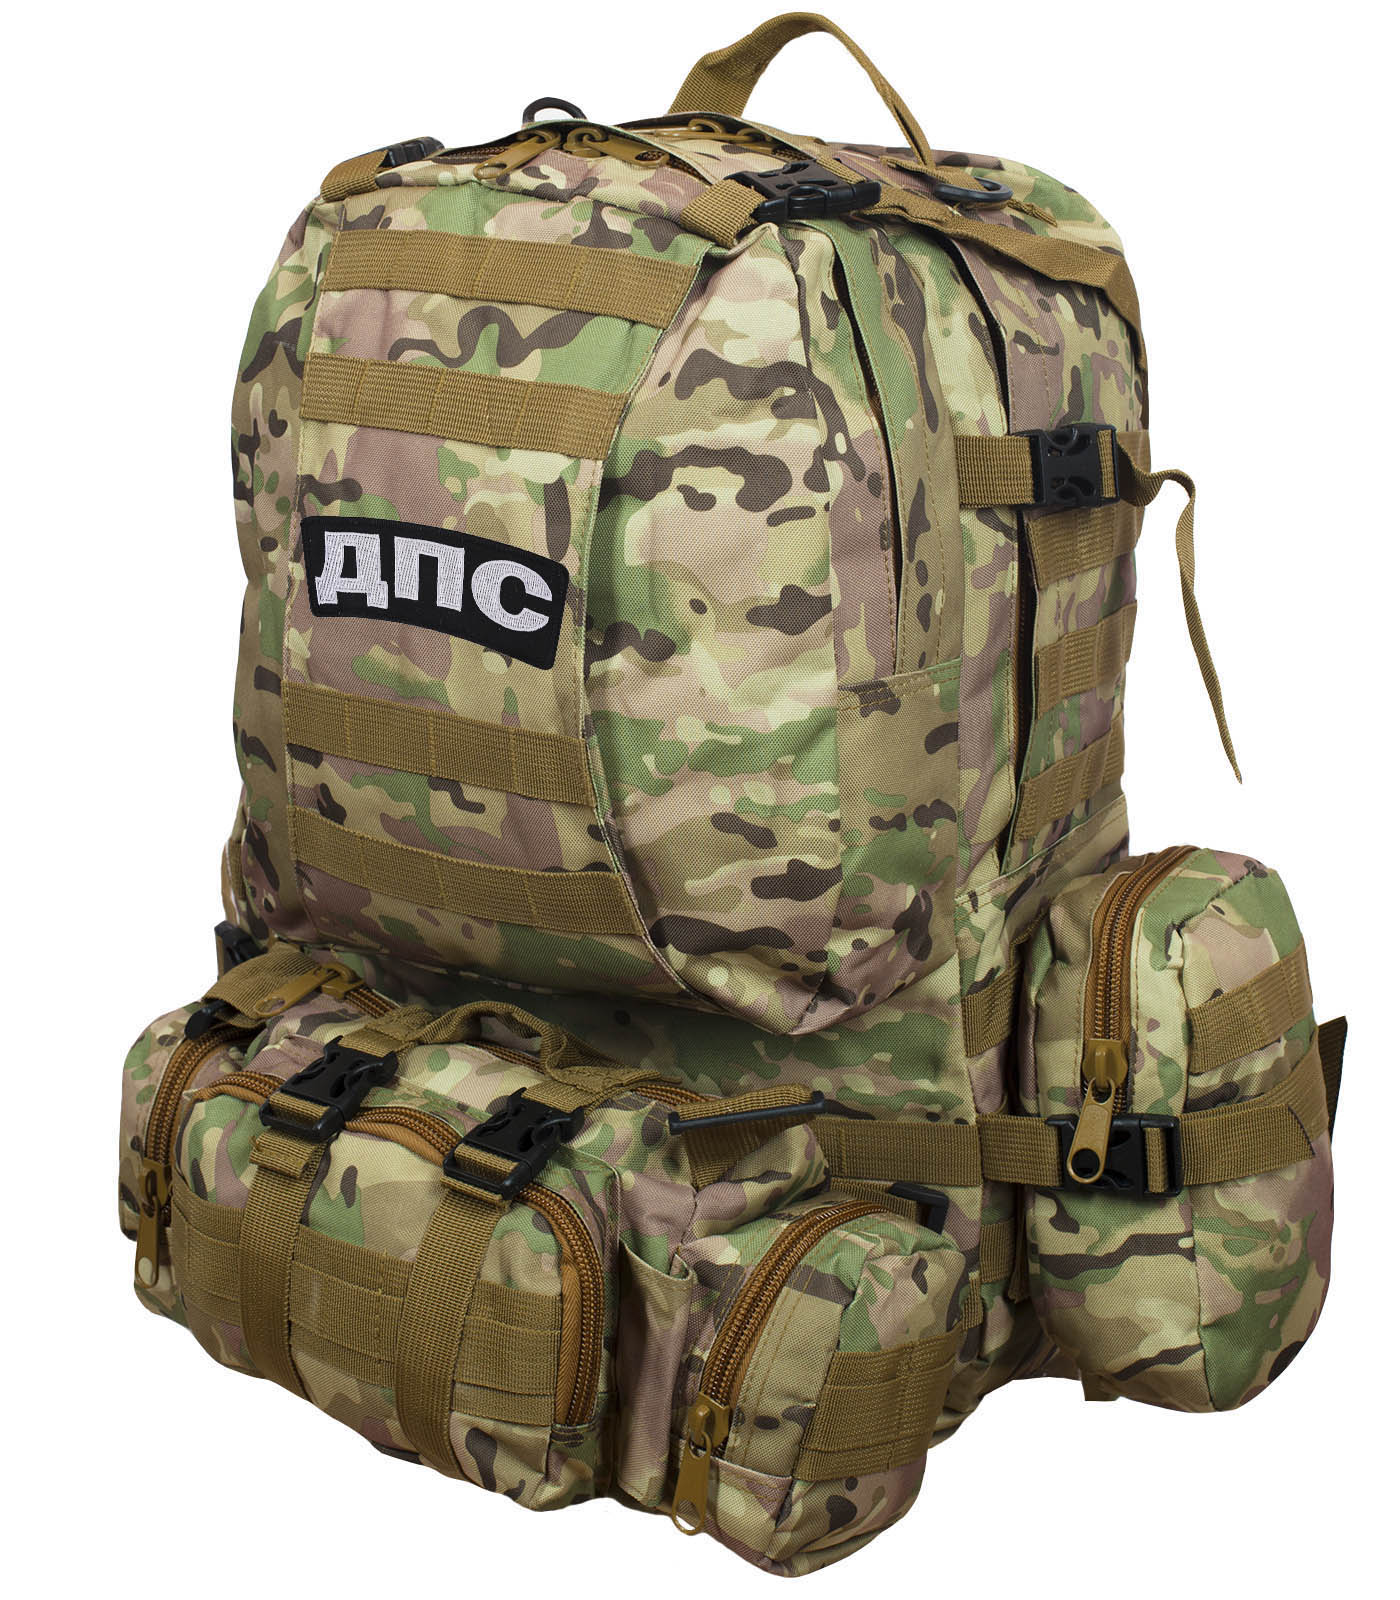 Функциональный тактический рюкзак ДПС от ТМ US Assault - купить оптом